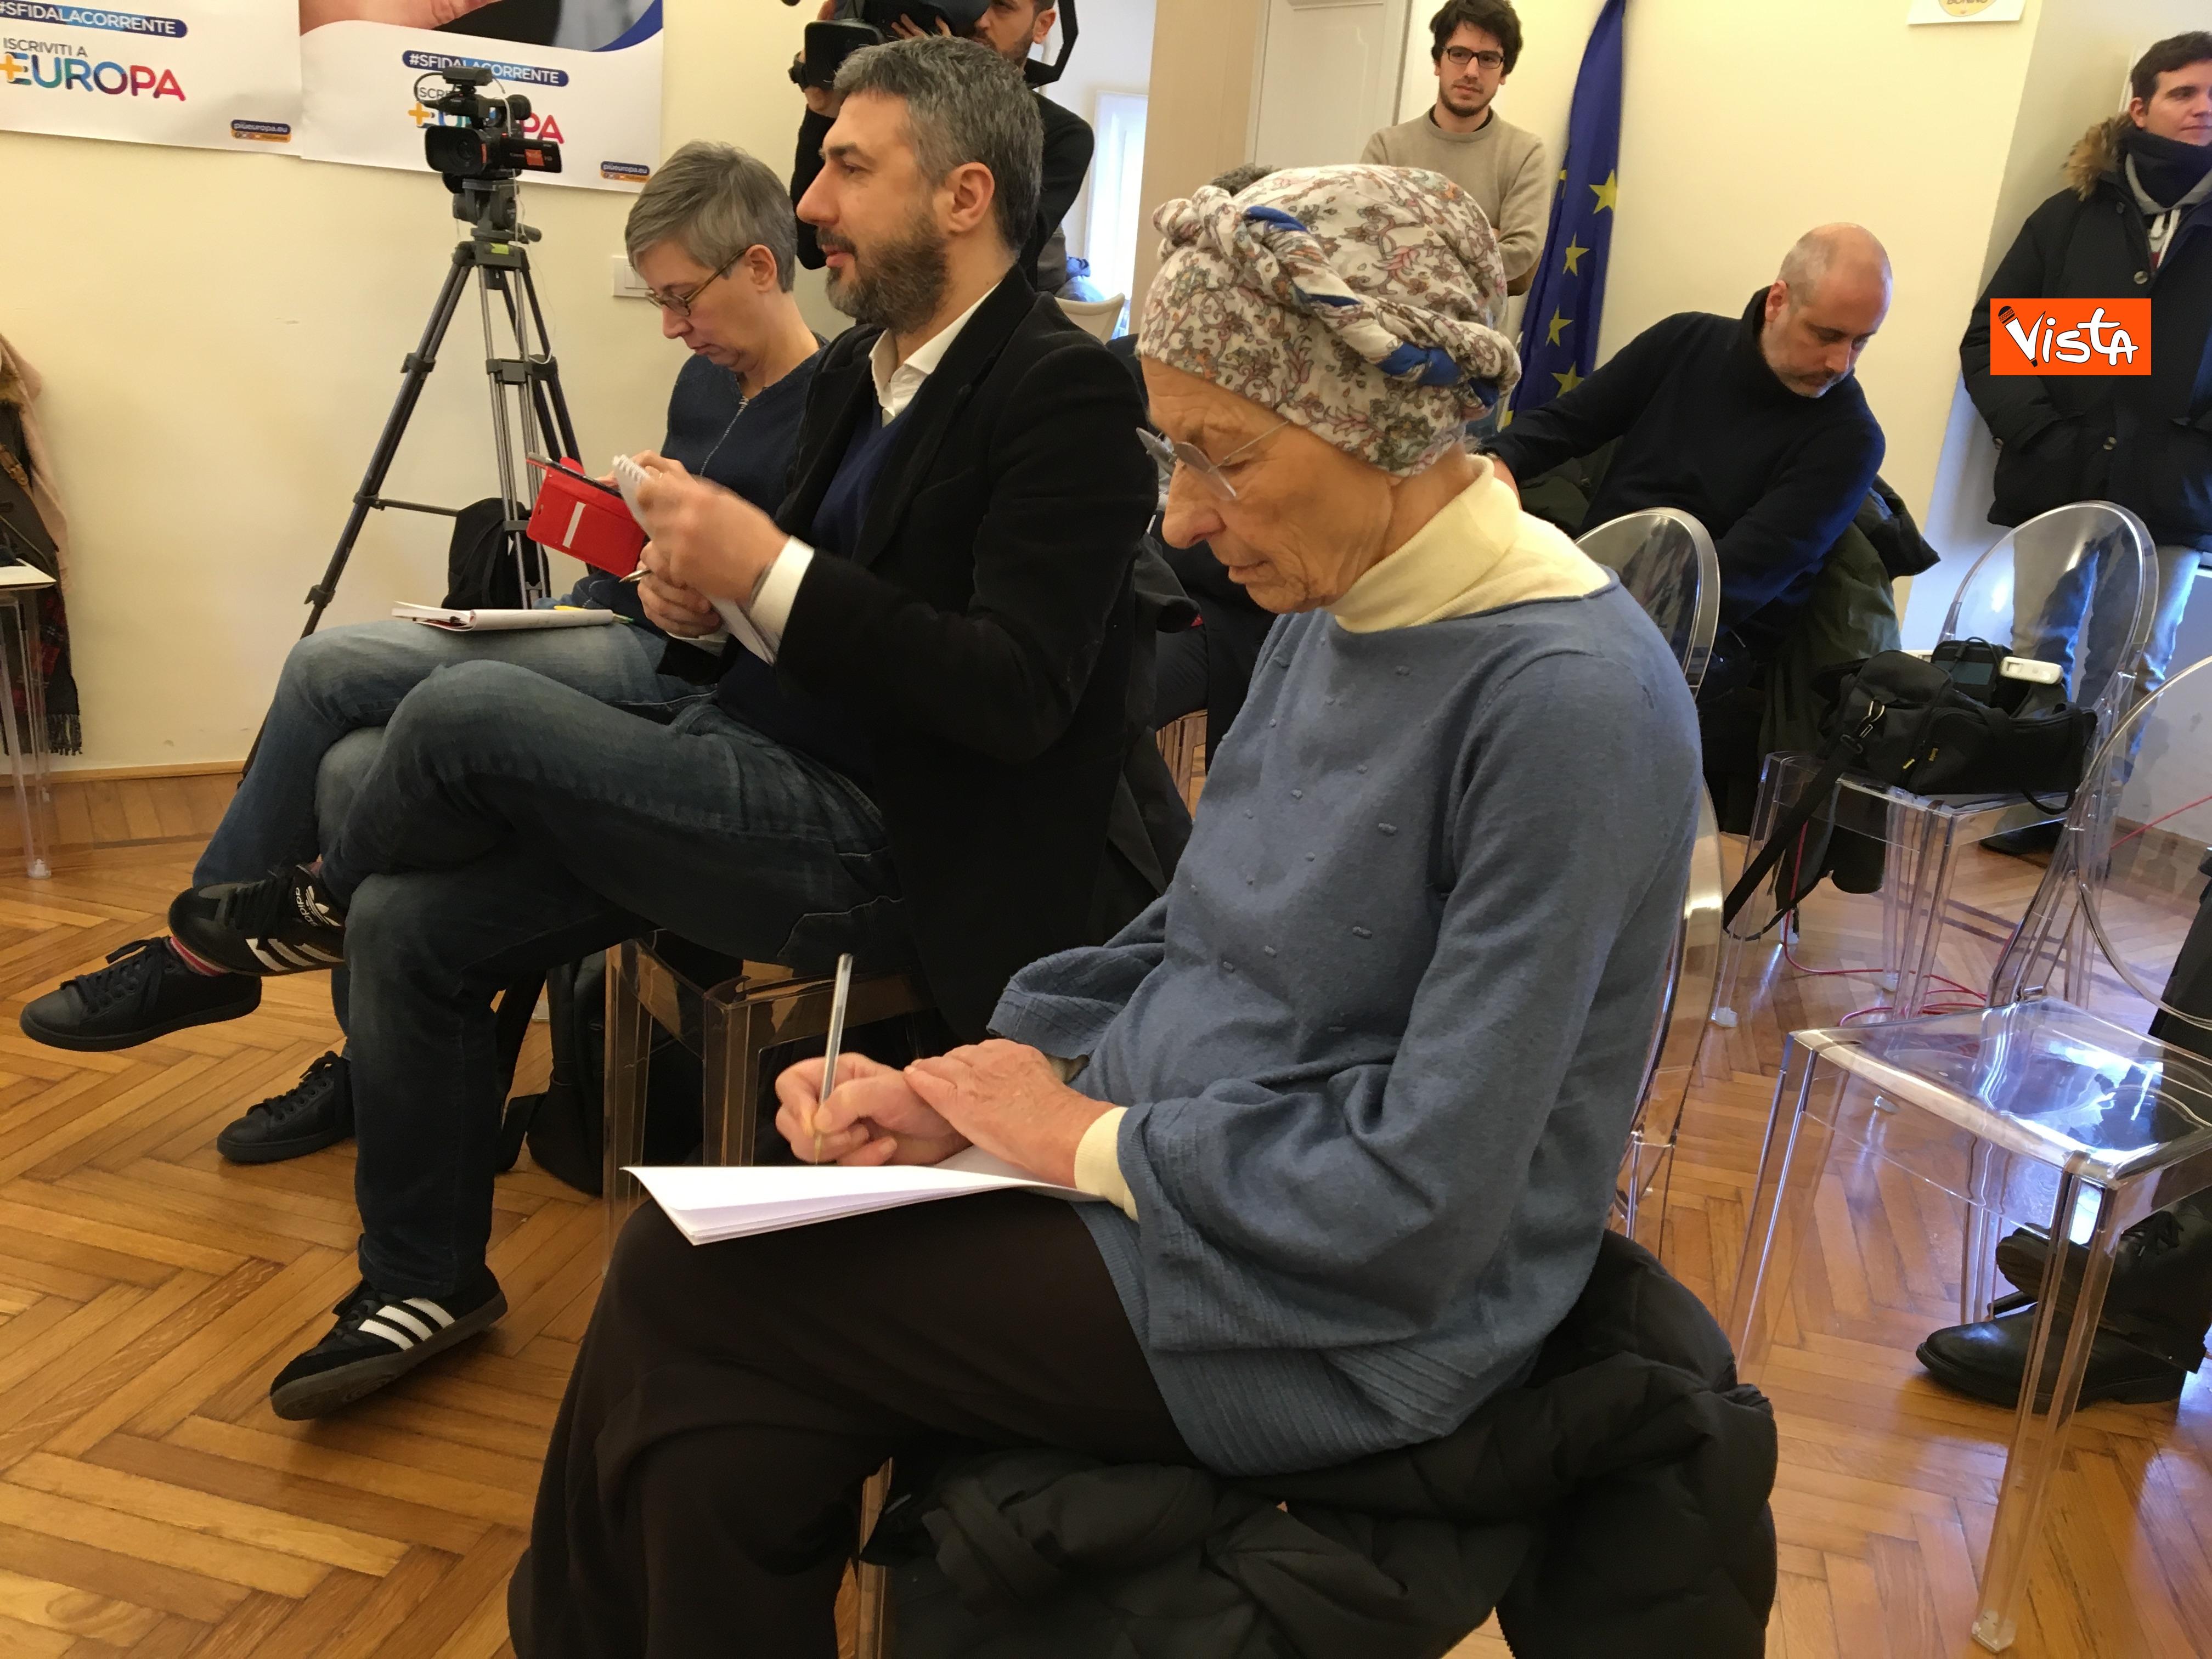 21-01-19 Europa la conferenza di presentazione del Congresso a Milano_ Emma Bonino_06